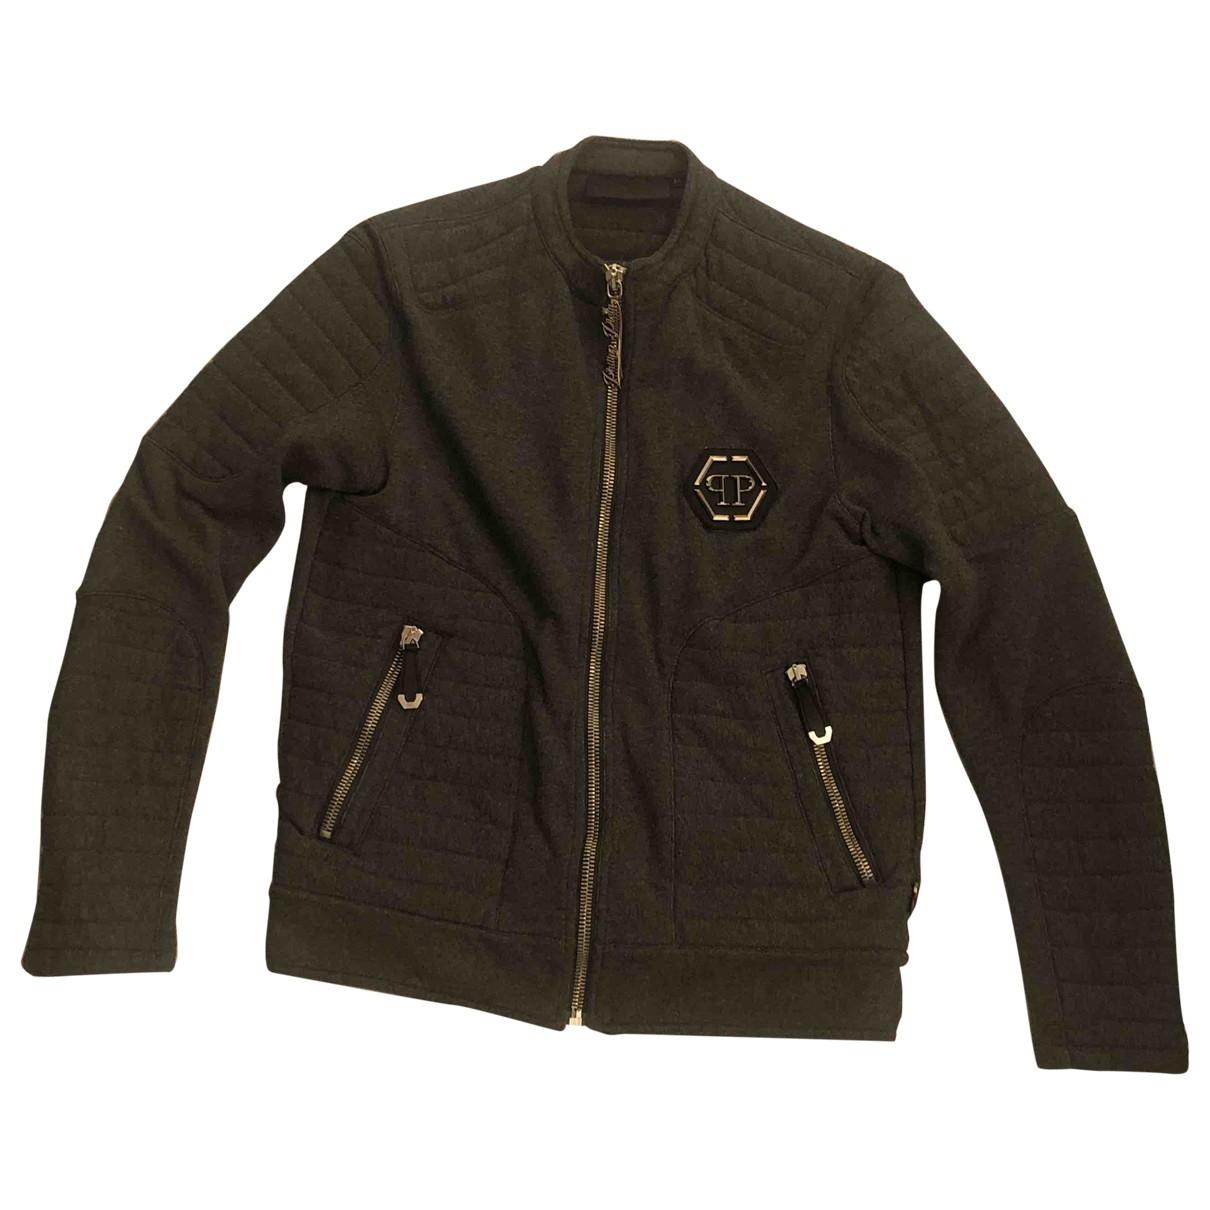 Philipp Plein \N Anthracite Cotton jacket  for Men M International